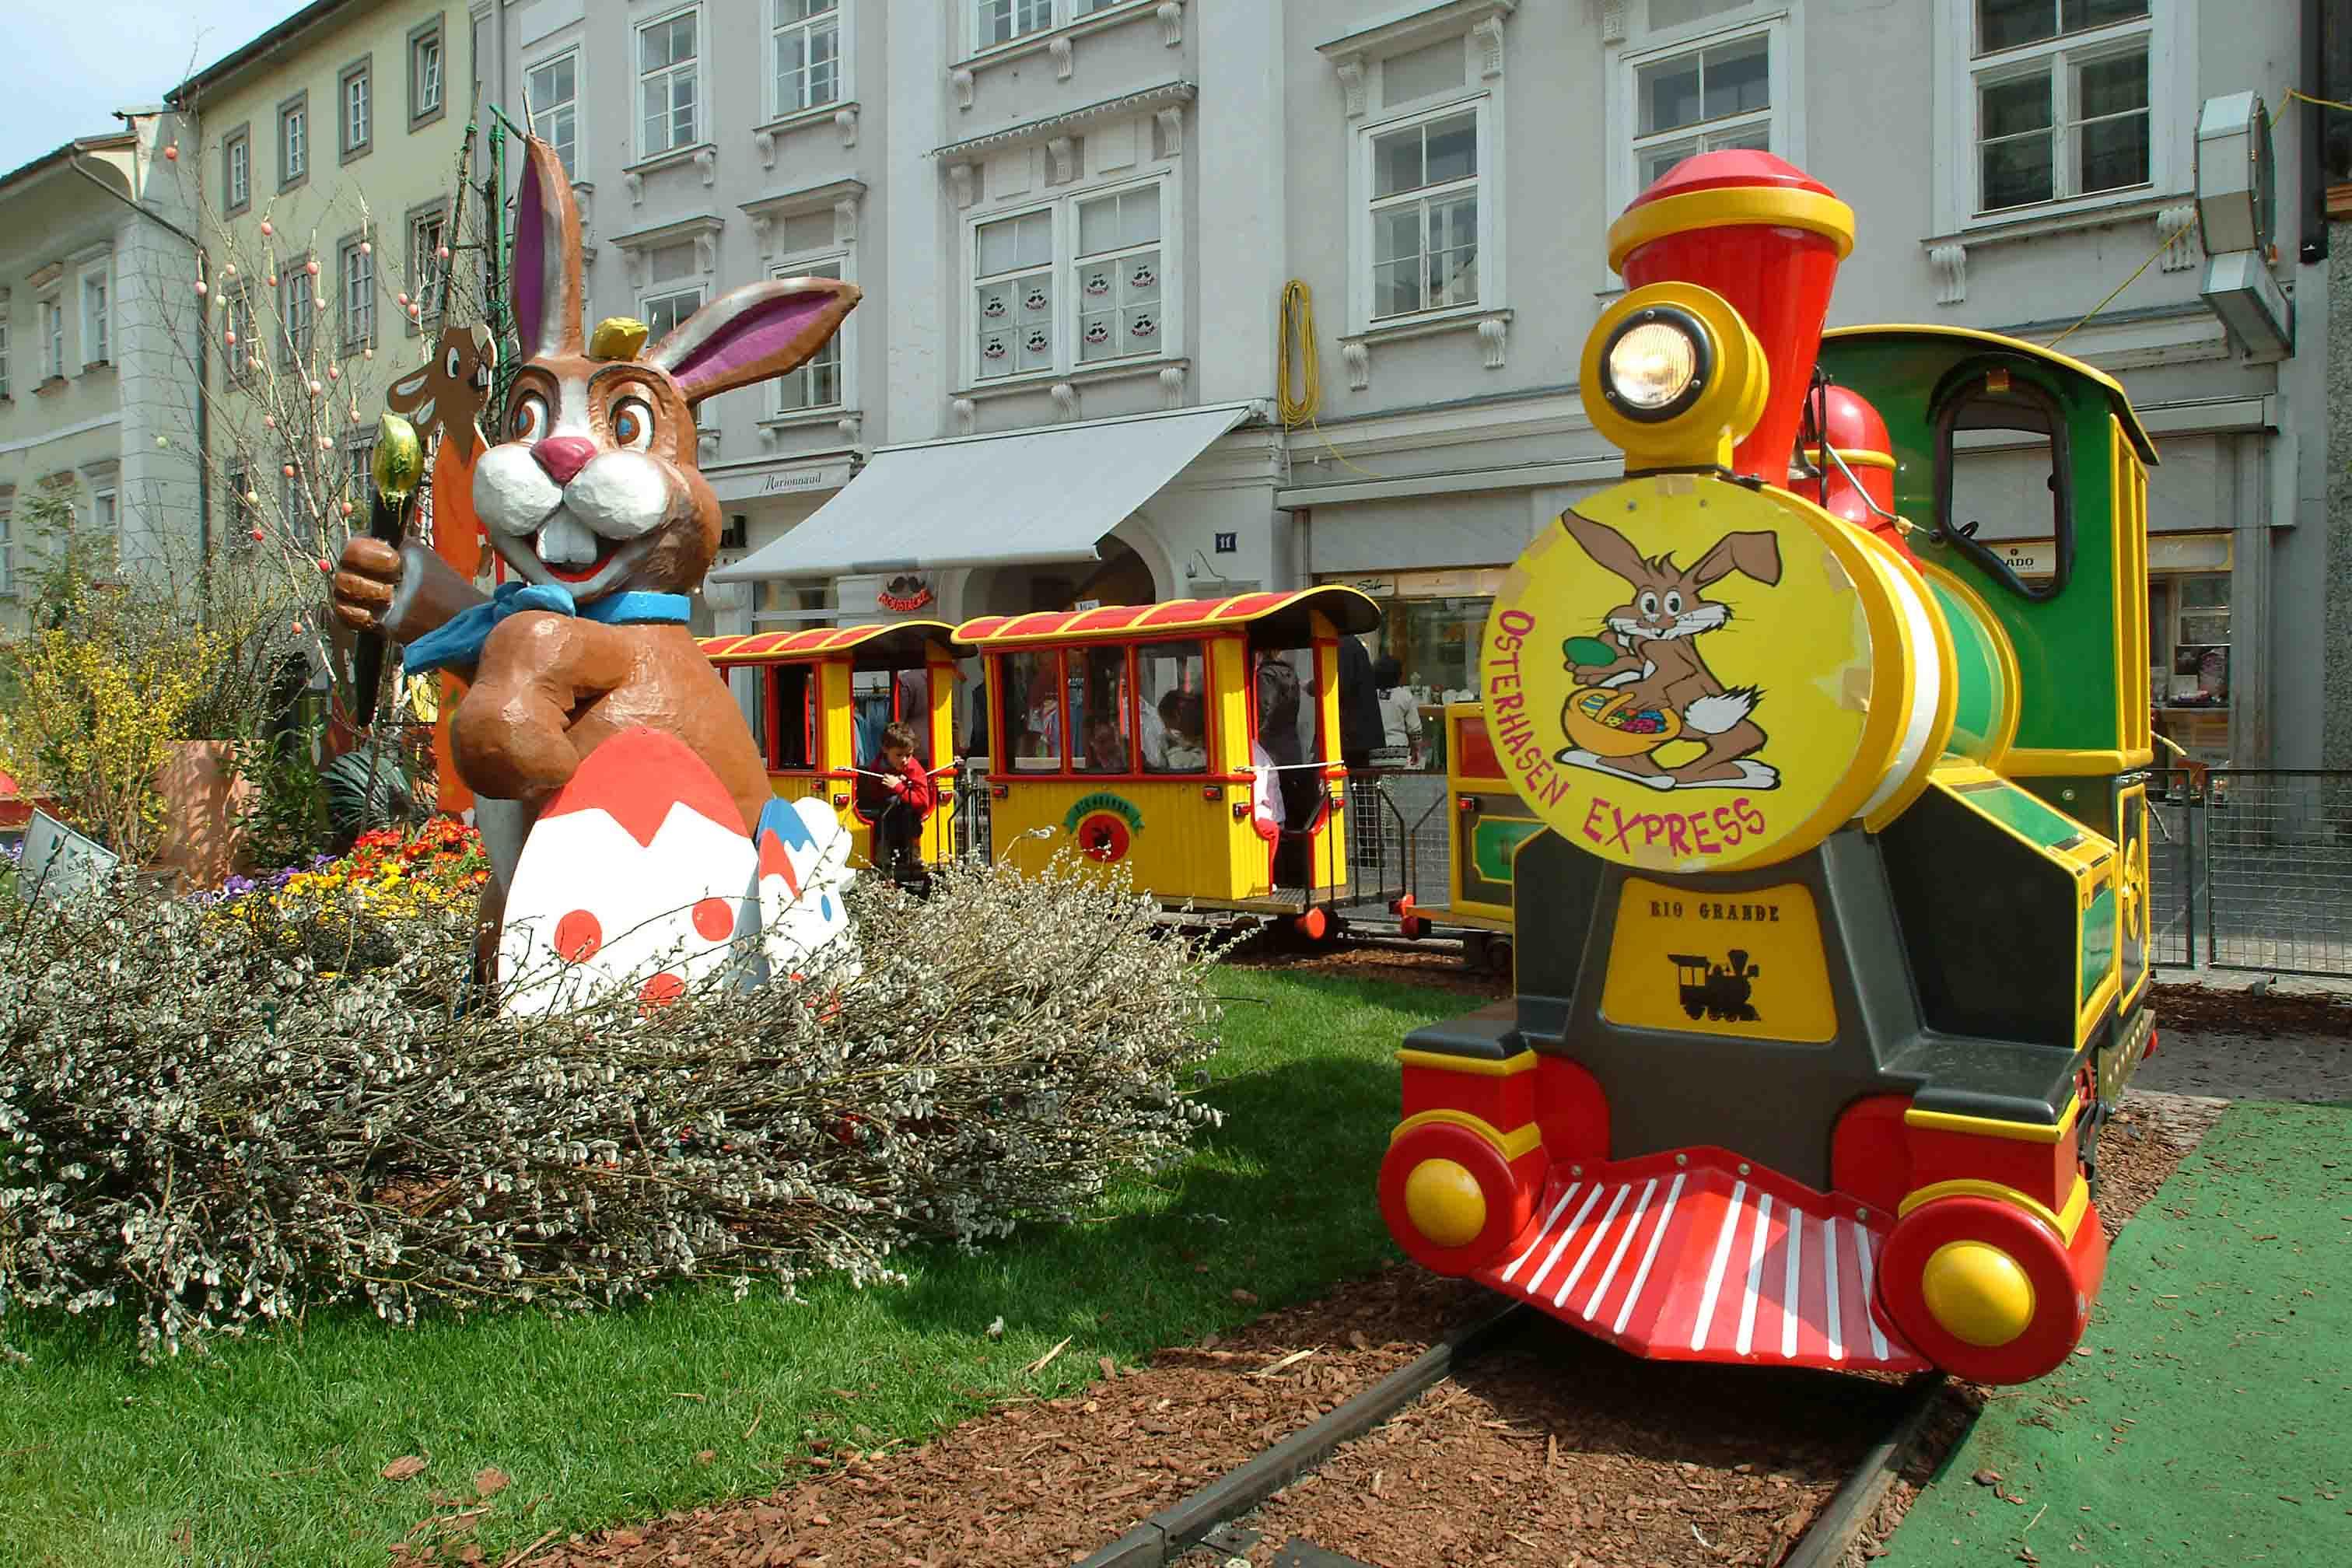 Mercatini di Pasqua a Villach: tanto divertimento per i bambini